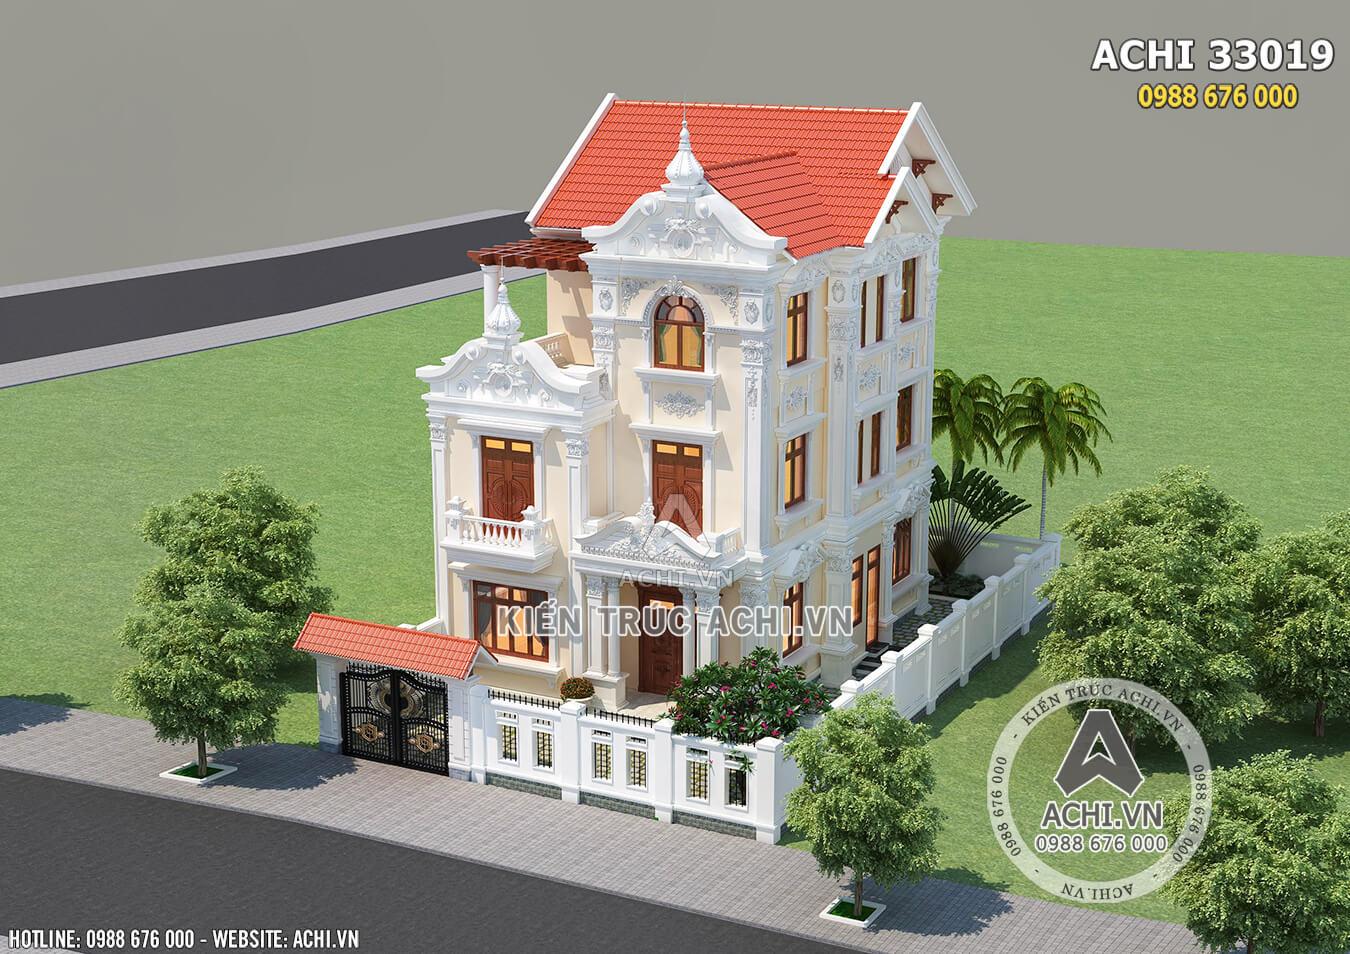 Hình ảnh: Thiết kế biệt thự tân cổ điển nhìn từ trên cao– ACHI 33019